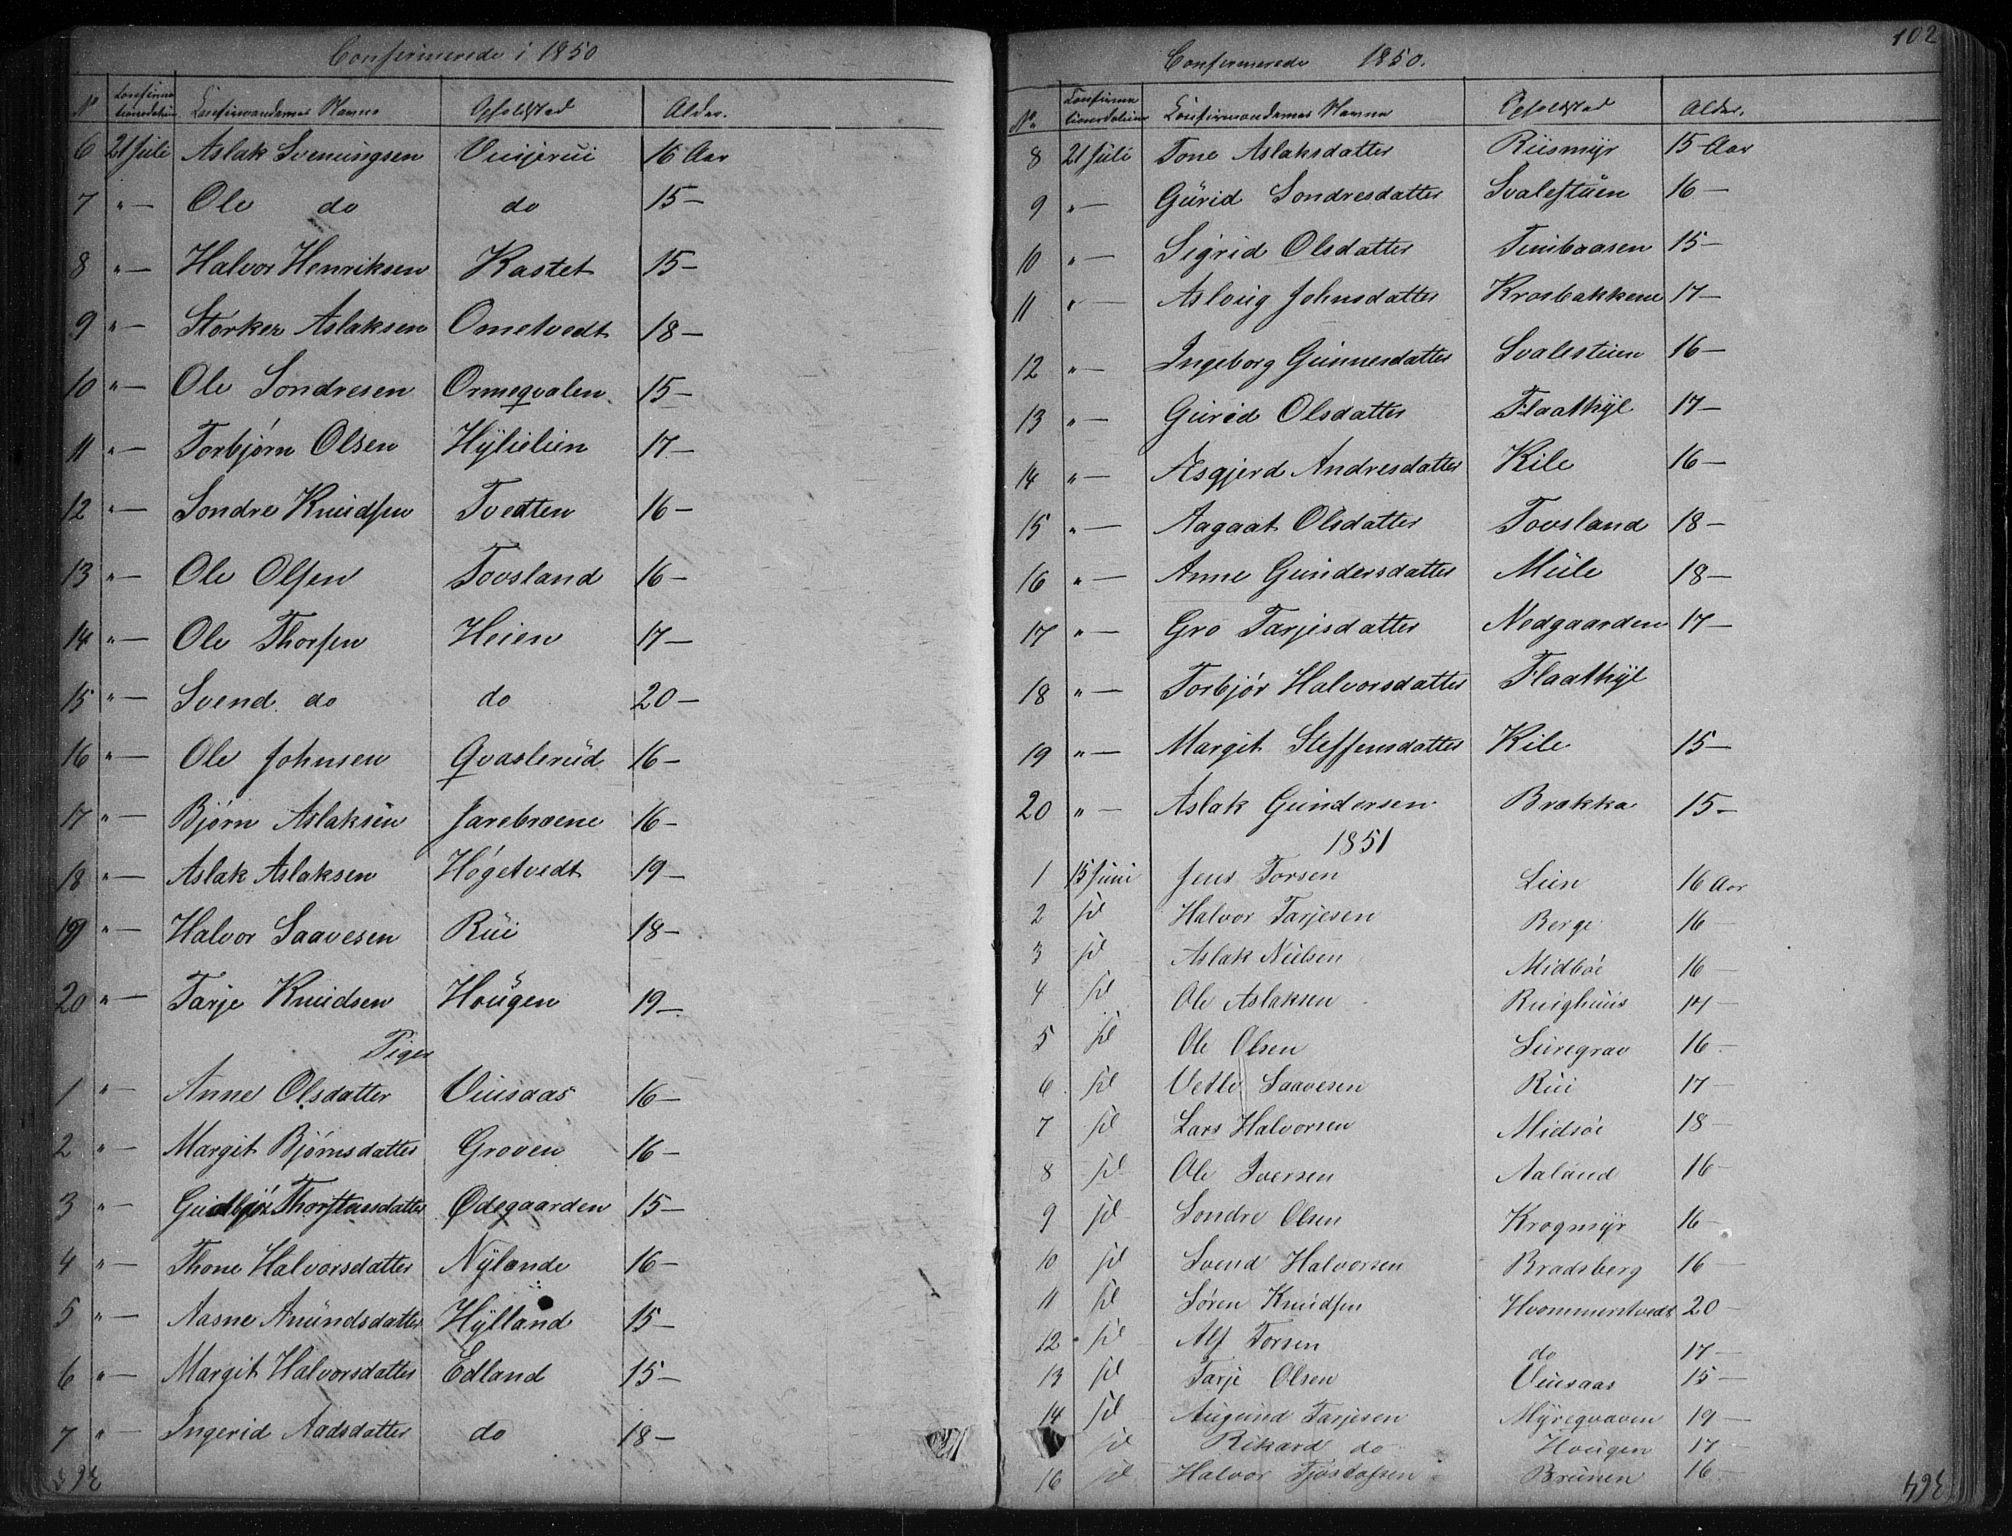 SAKO, Vinje kirkebøker, G/Ga/L0002: Klokkerbok nr. I 2, 1849-1893, s. 102